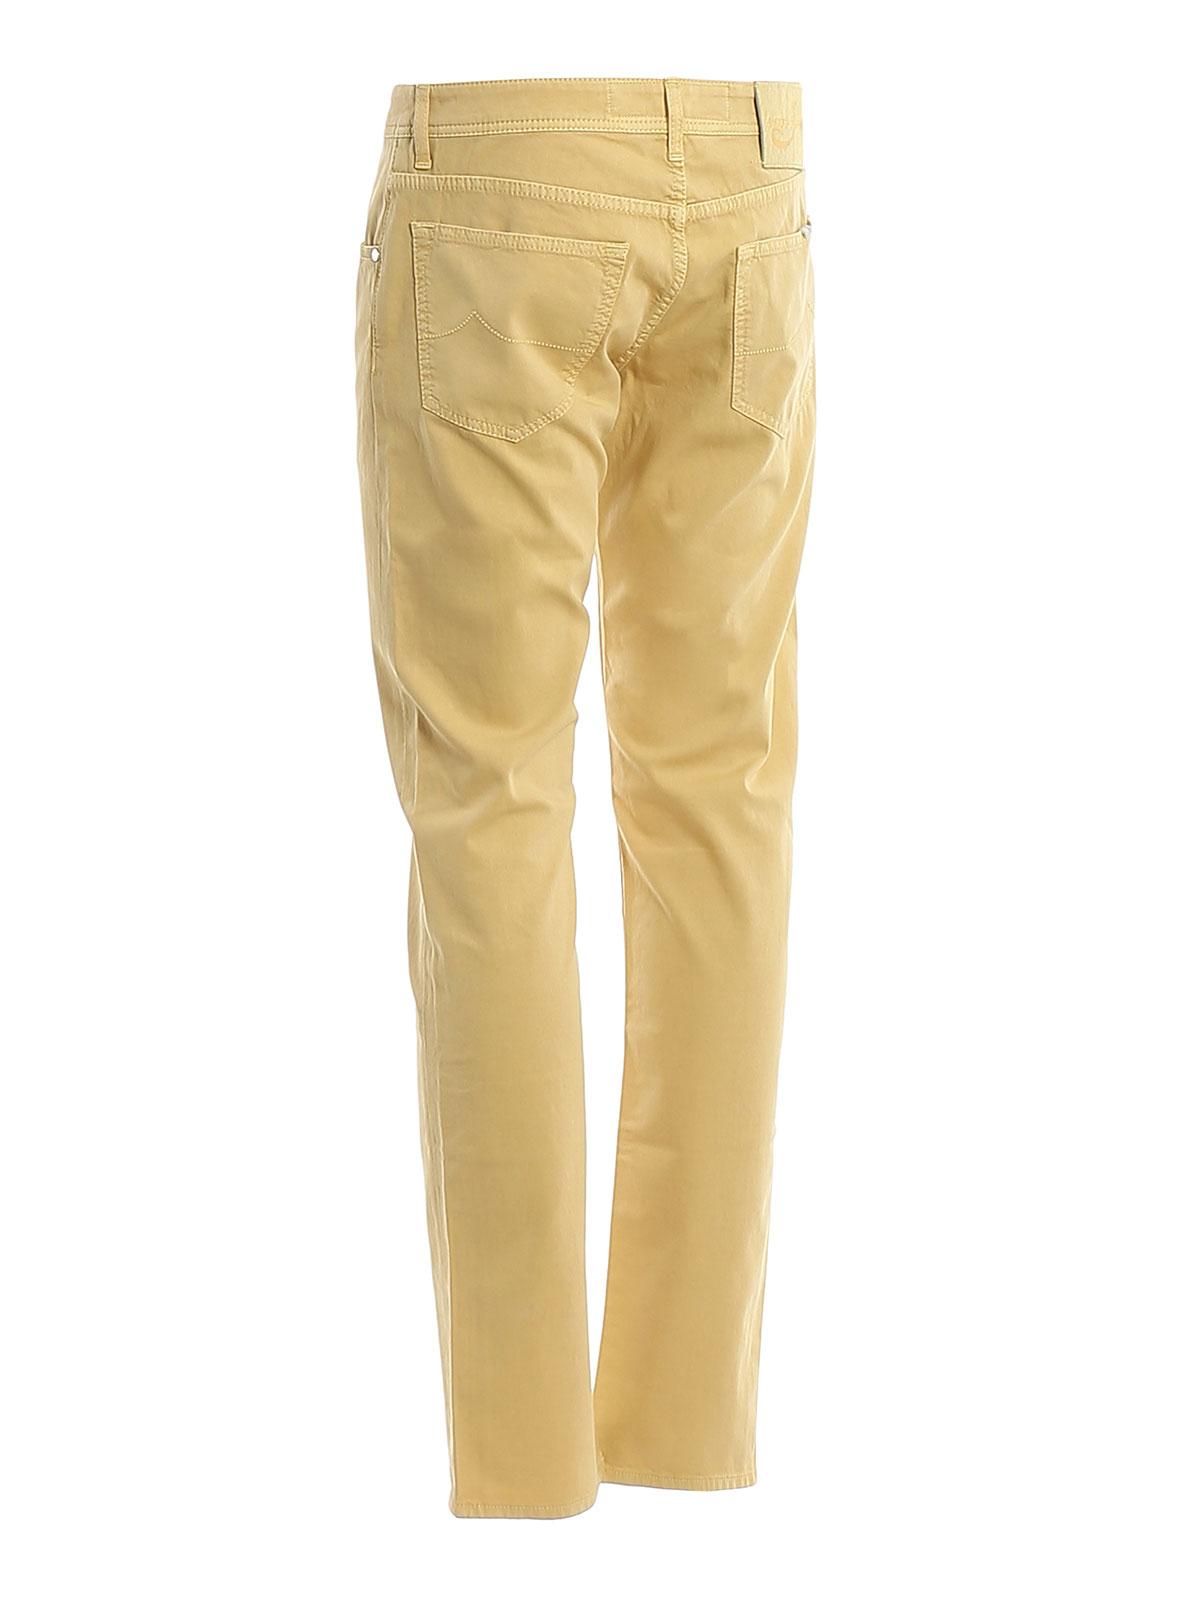 Picture of JACOB COHEN | Men's Style 622 Jacquard Pants